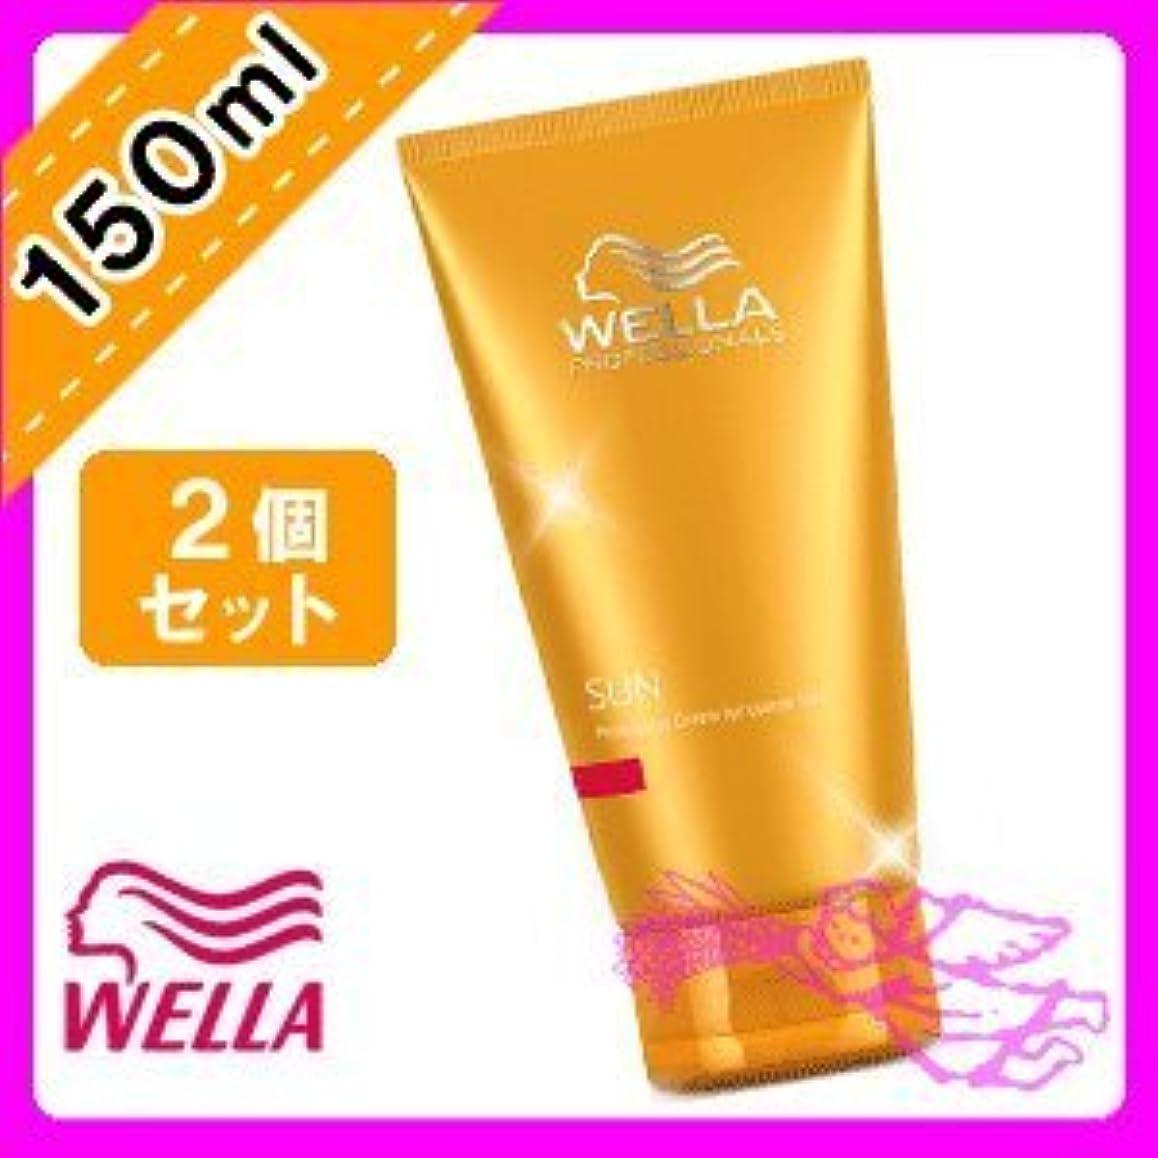 贅沢な抱擁低下ウエラ プロフェッショナルケア サン プロテクションクリーム <150mL×2個セット> WELLA PROFESSIONALCARE UV 紫外線防止